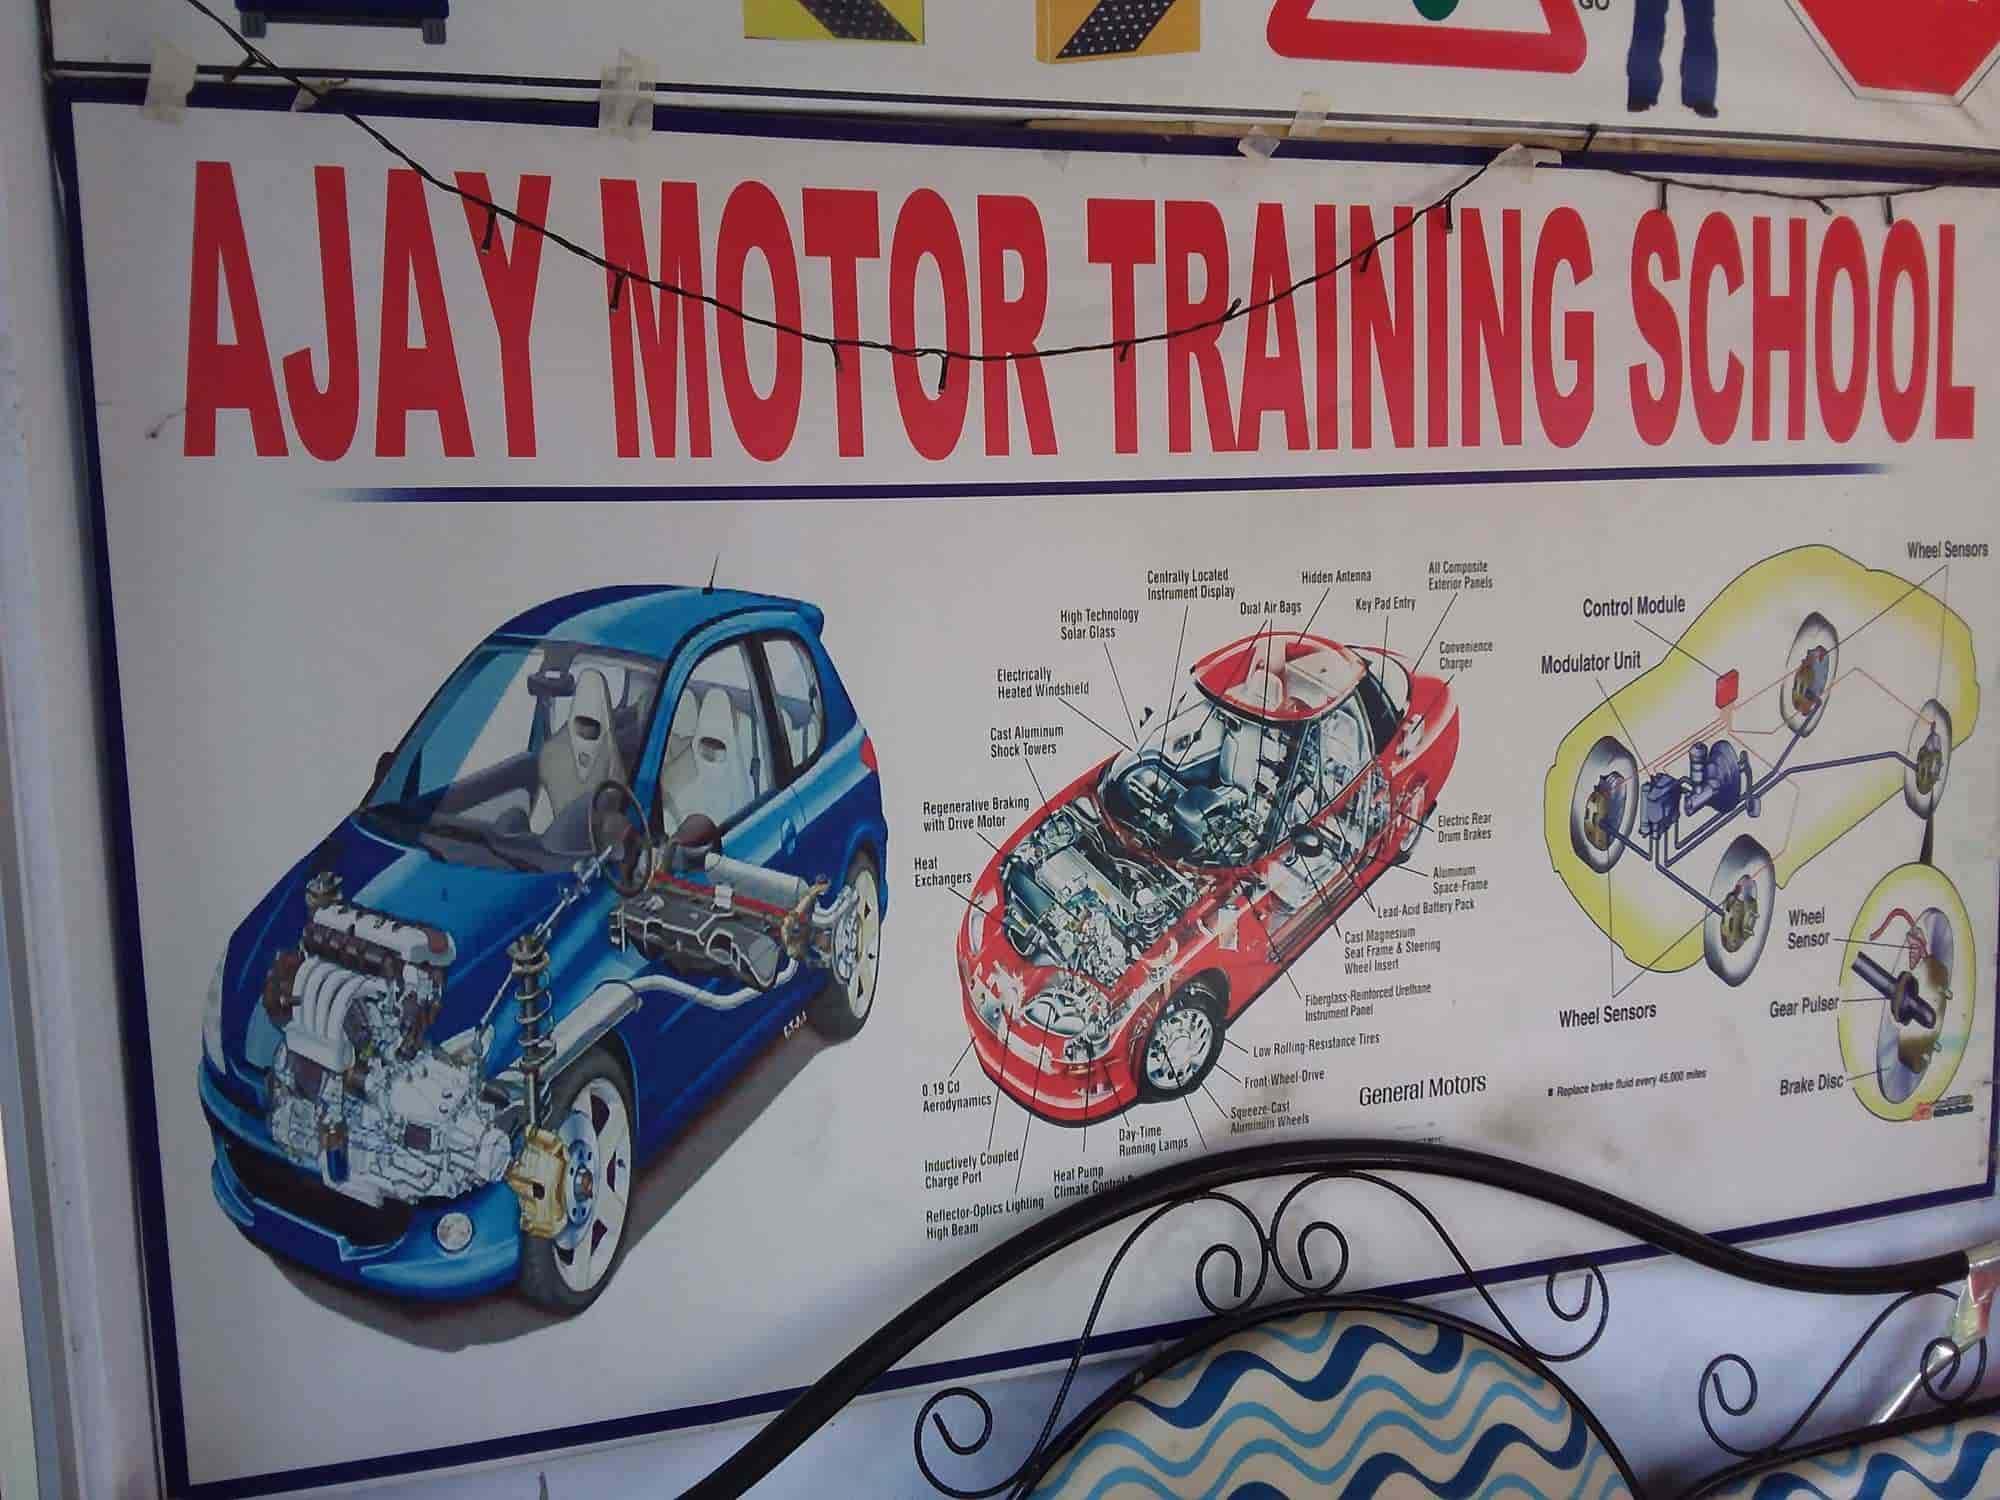 Ajay Motor Training School, Bansdroni - Motor Training